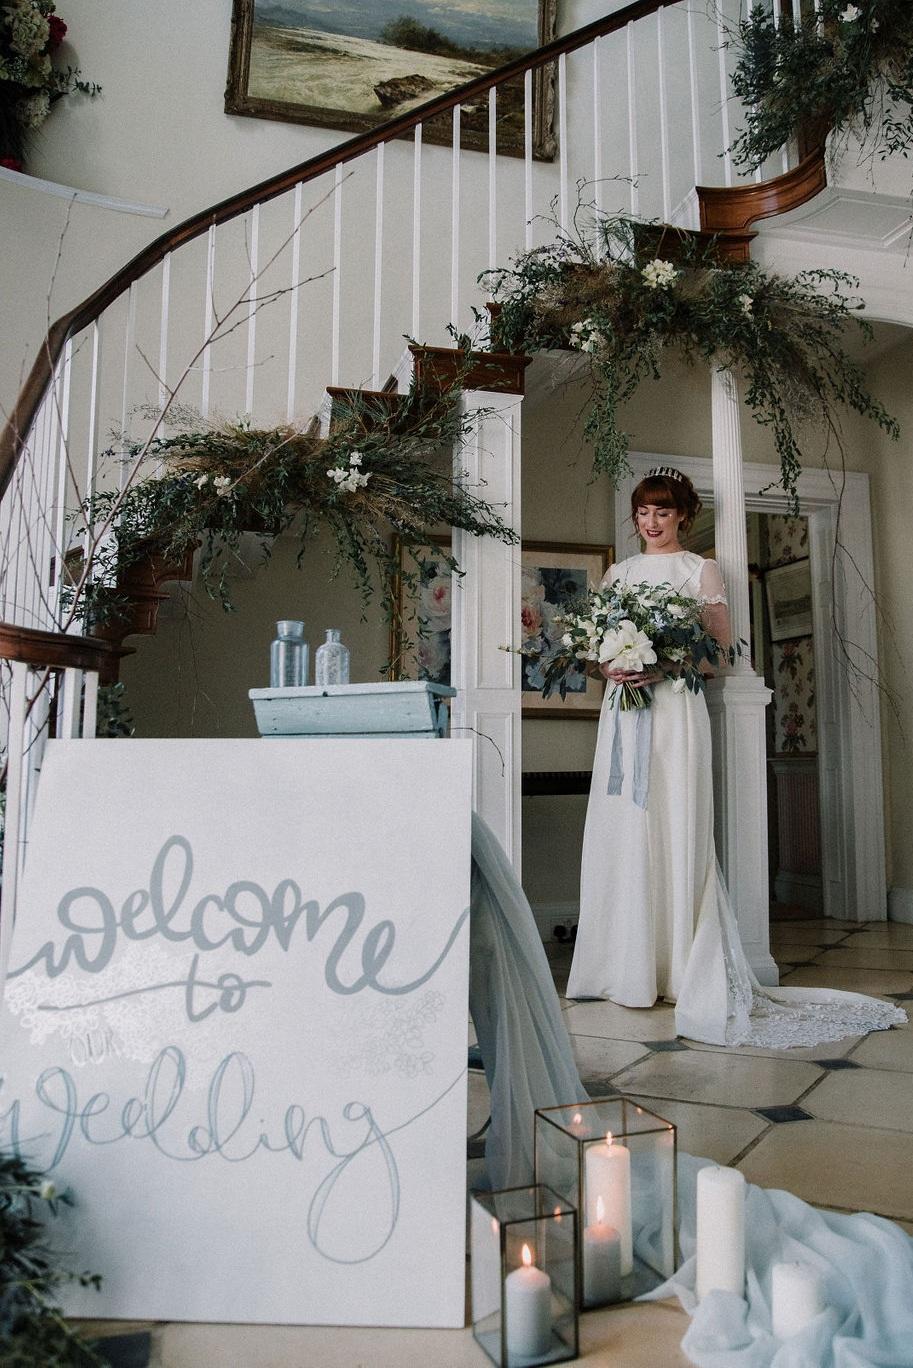 sassweddings+ethereal+wedding+.jpg